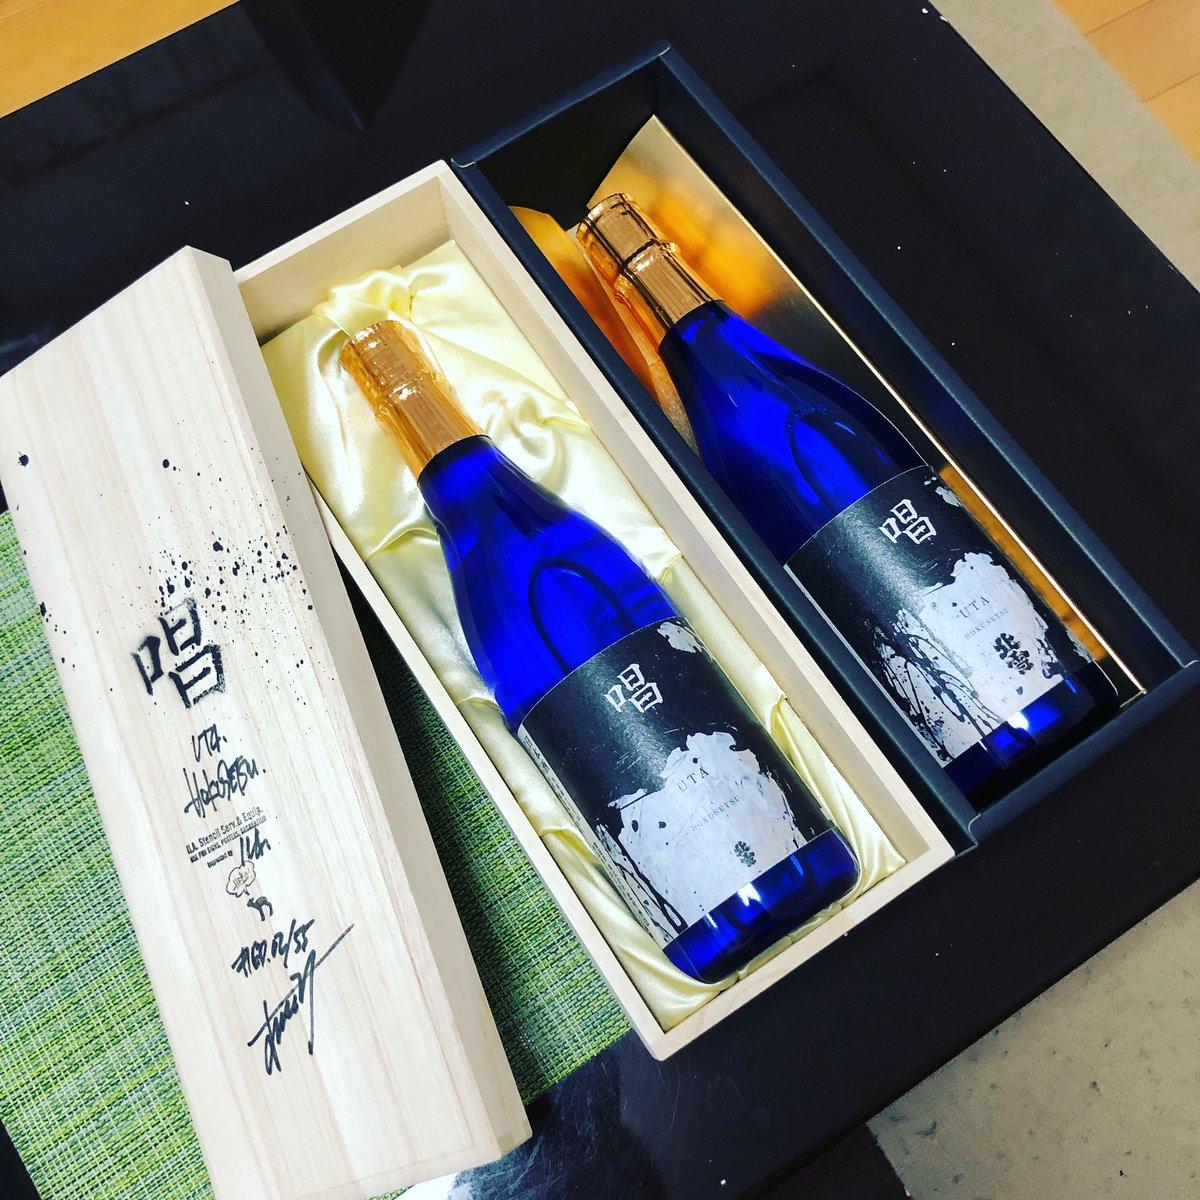 test ツイッターメディア - ストレイテナーのホリエアツシと北雪酒造のコラボ日本酒『唱』届きました…  55本限定の遠心分離酒と、300本限定のオリジナル版…飲み比べたい…ストレイテナーを聴きながら… https://t.co/C71EJQZCHP